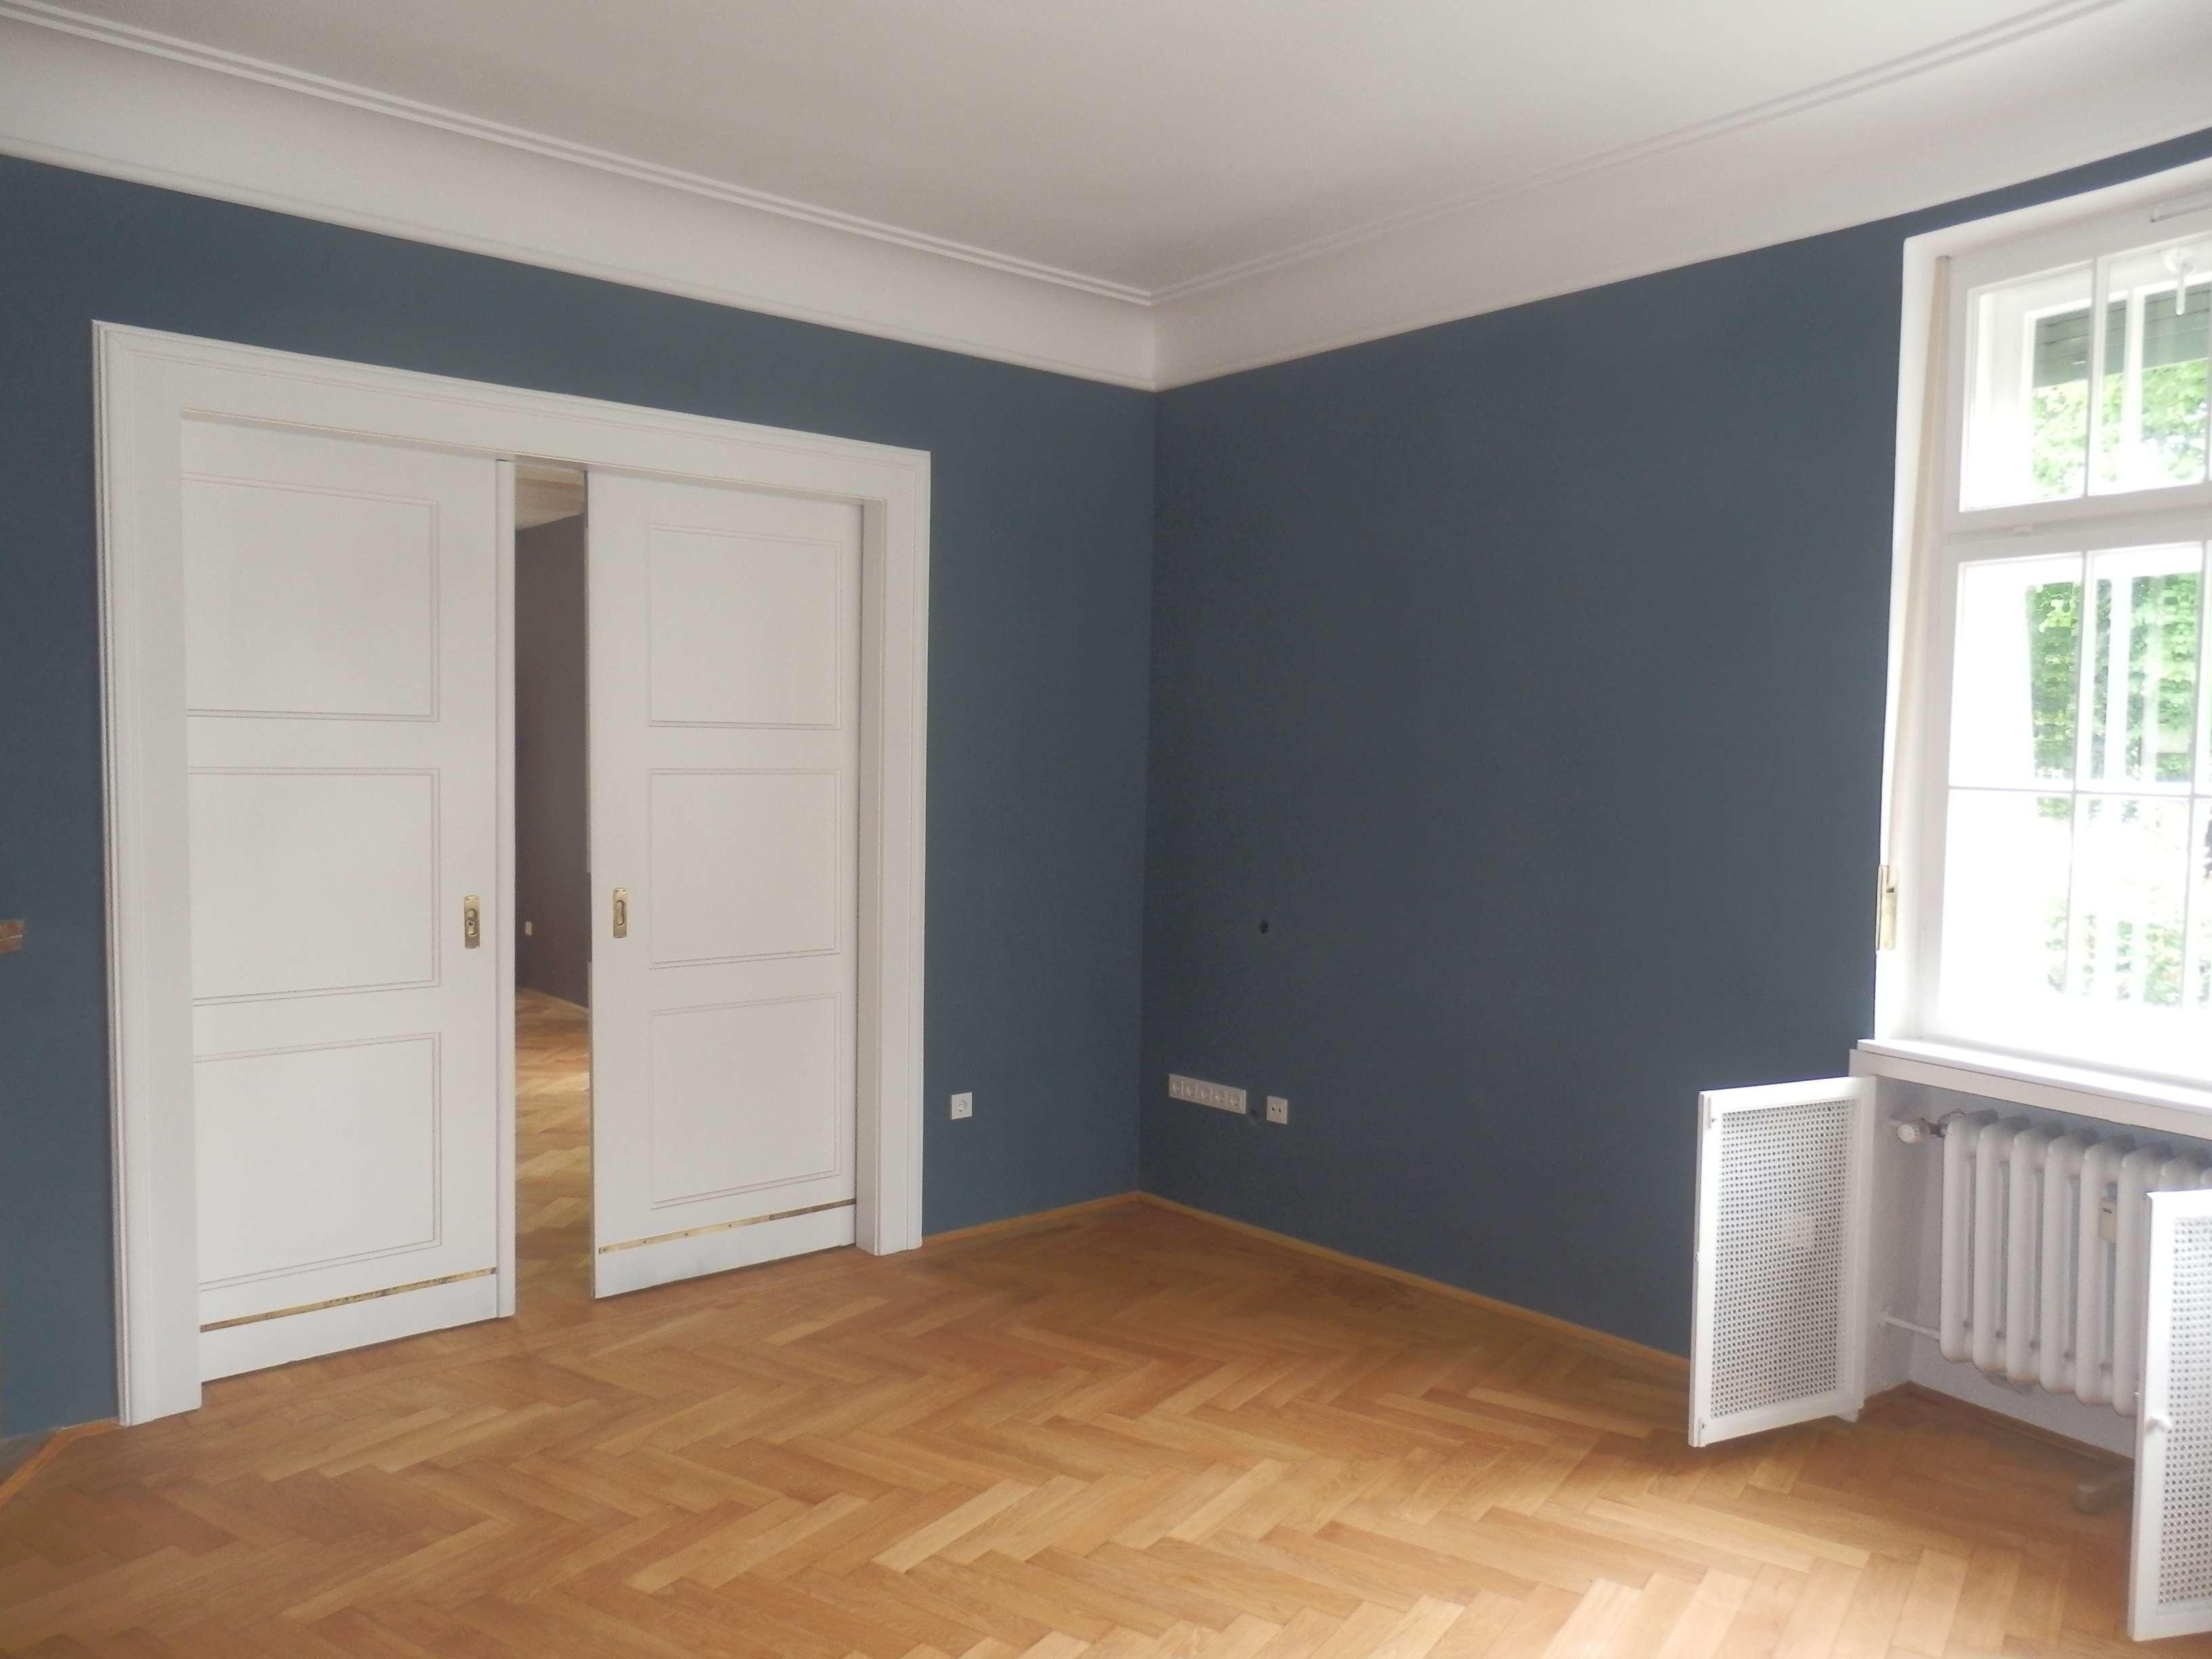 sanierung einer wohnung in m nchen nymphenburg immowert. Black Bedroom Furniture Sets. Home Design Ideas